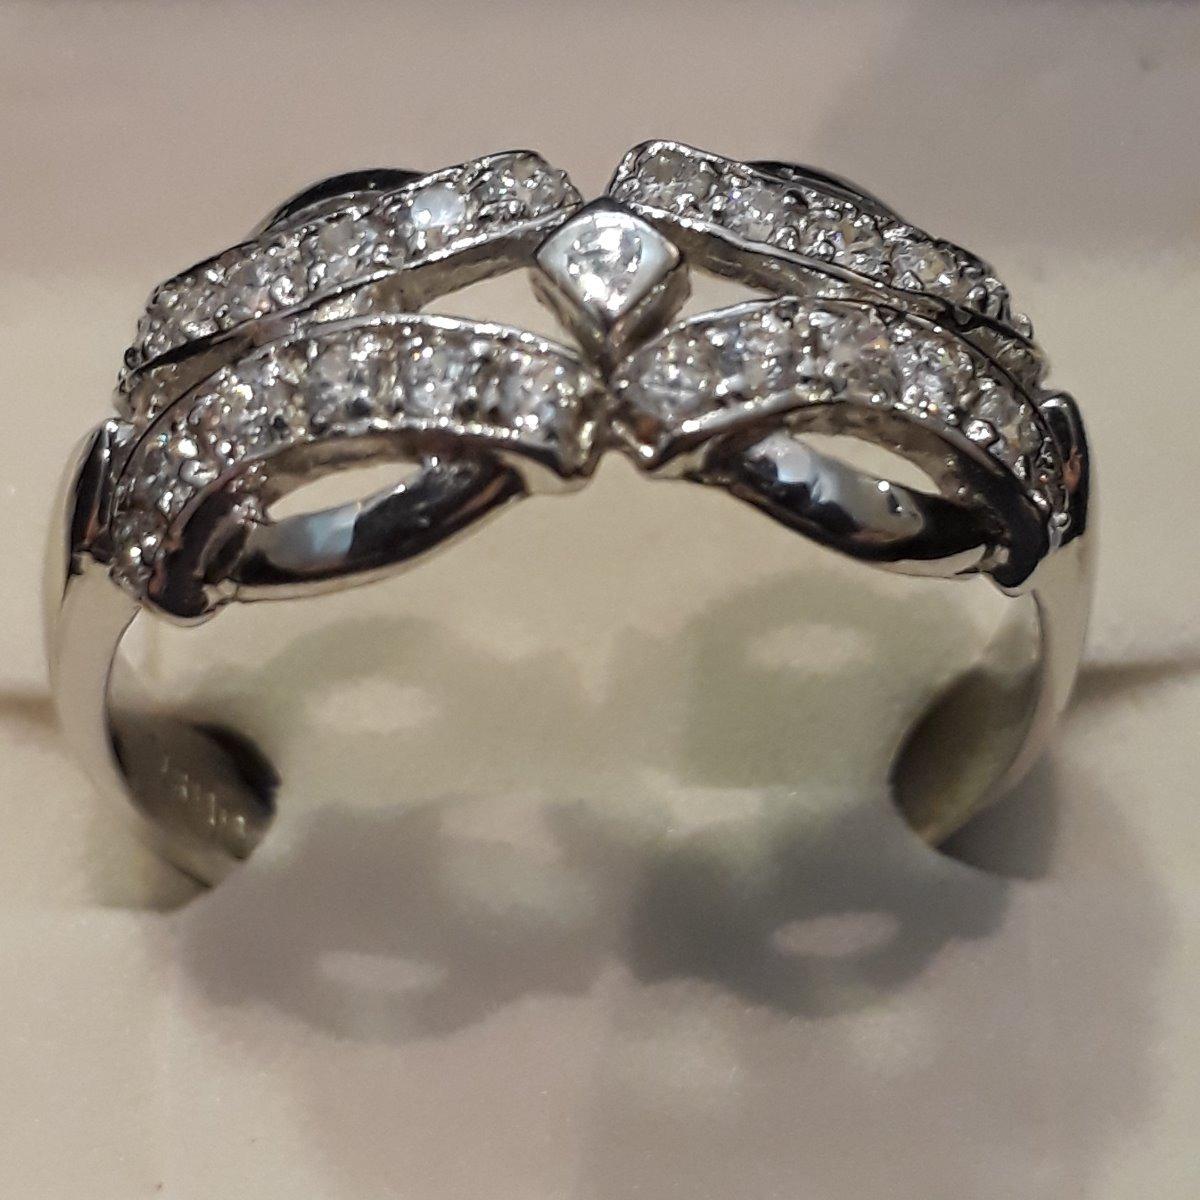 7a3f3ba3151a anillo oro 18k blanco con piedras. certificado garantia. Cargando zoom.